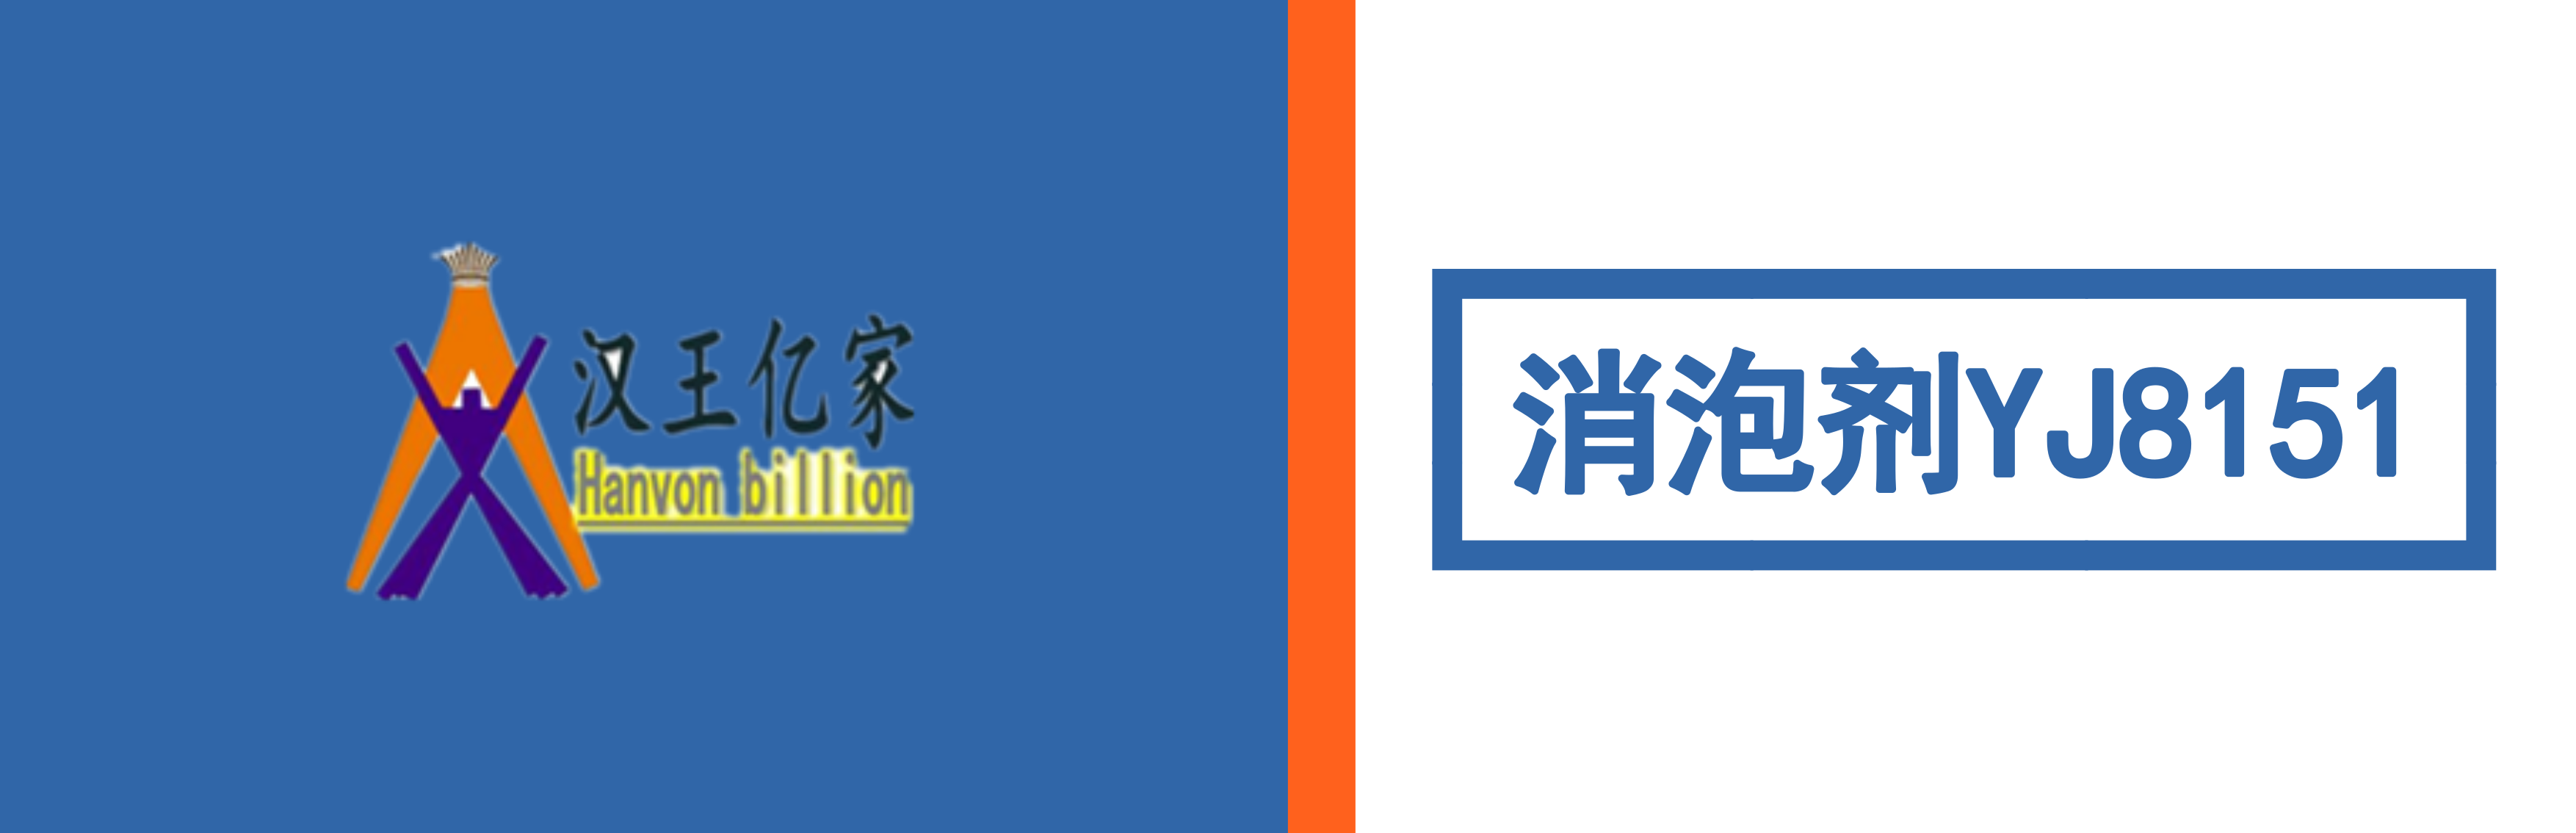 徐州汉王亿家新材料有限公司